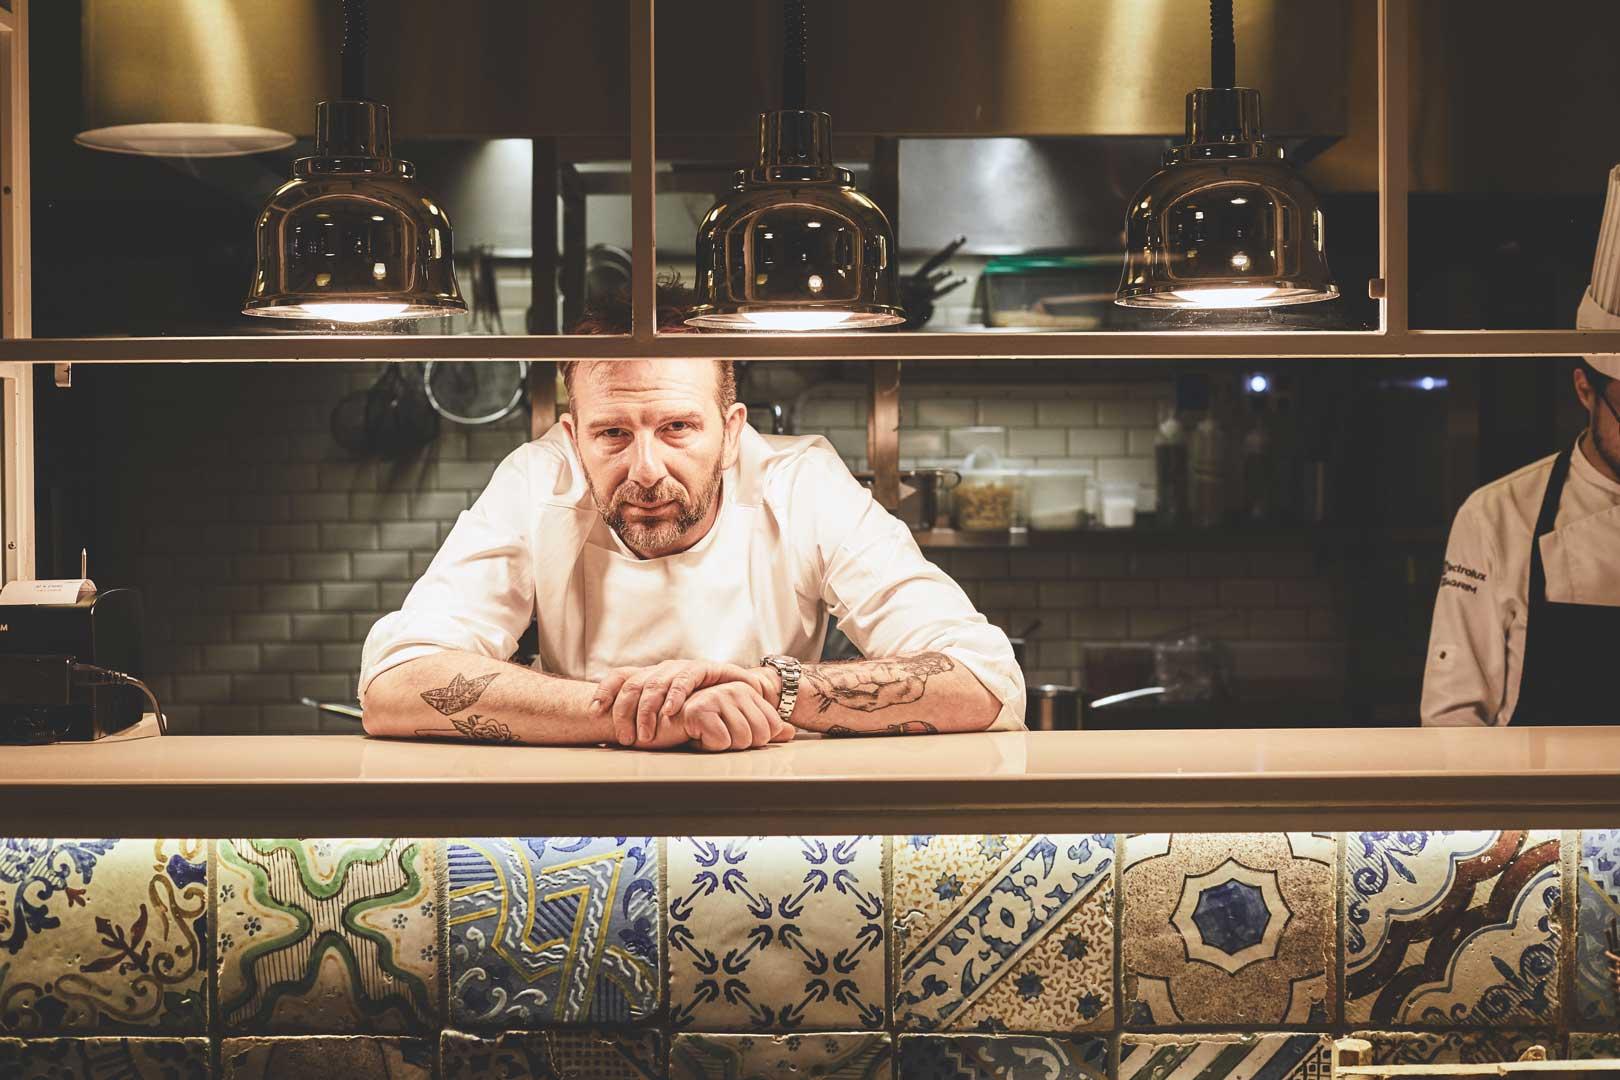 Al Fresco - Chef Nicola Delfino